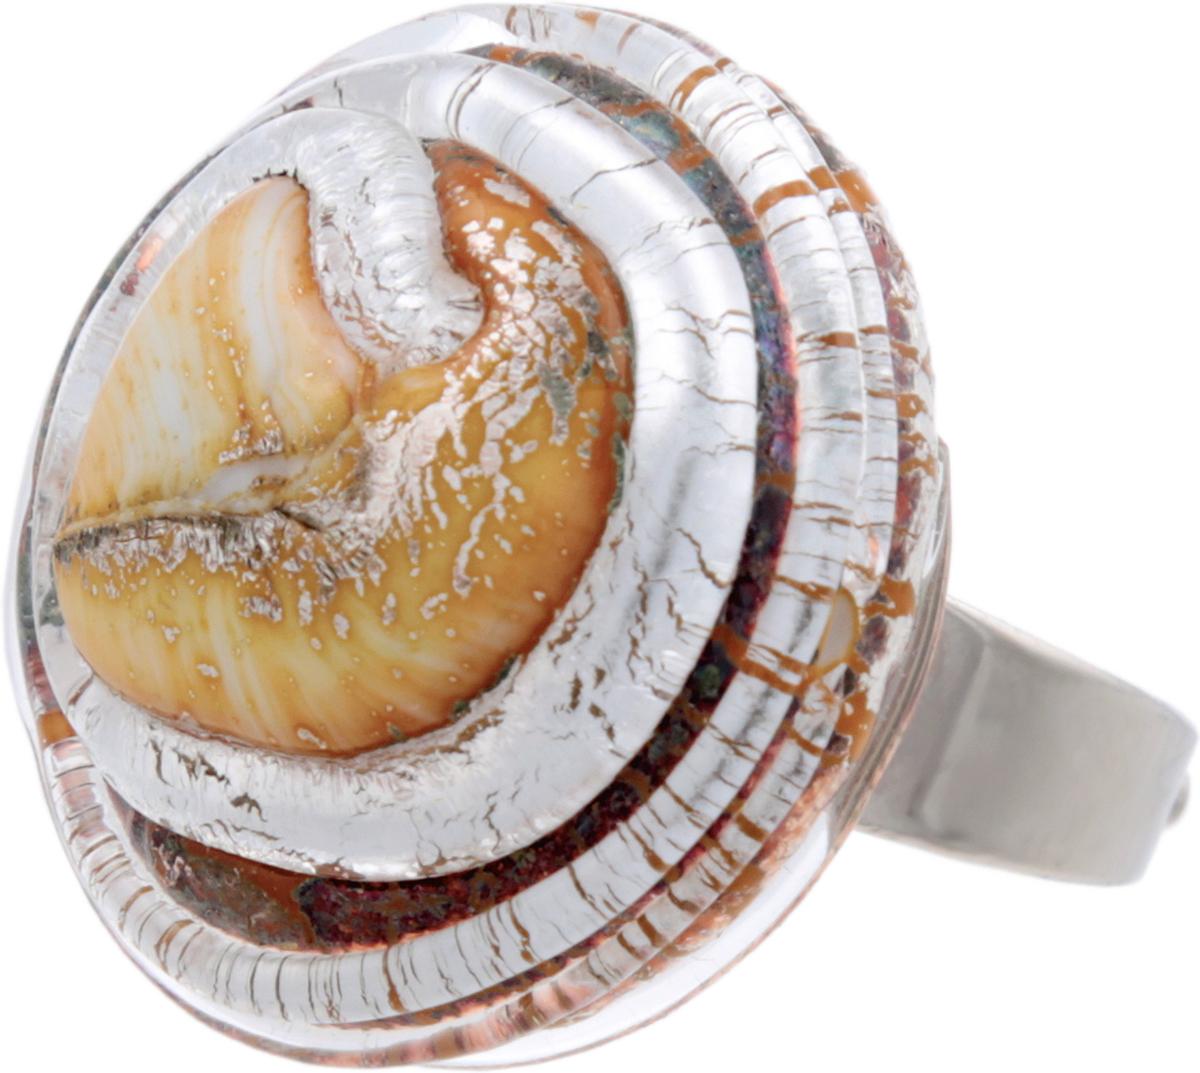 Кольцо коктейльное Раковина устрицы. Муранское стекло, бижутерный сплав серебряного тона, ручная работа. Murano, Италия (Венеция)e064f090Кольцо коктейльное Раковина устрицы. Муранское стекло, бижутерный сплав серебряного тона, ручная работа. Murano, Италия (Венеция). Размер регулируется. Каждое изделие из муранского стекла уникально и может незначительно отличаться от того, что вы видите на фотографии.